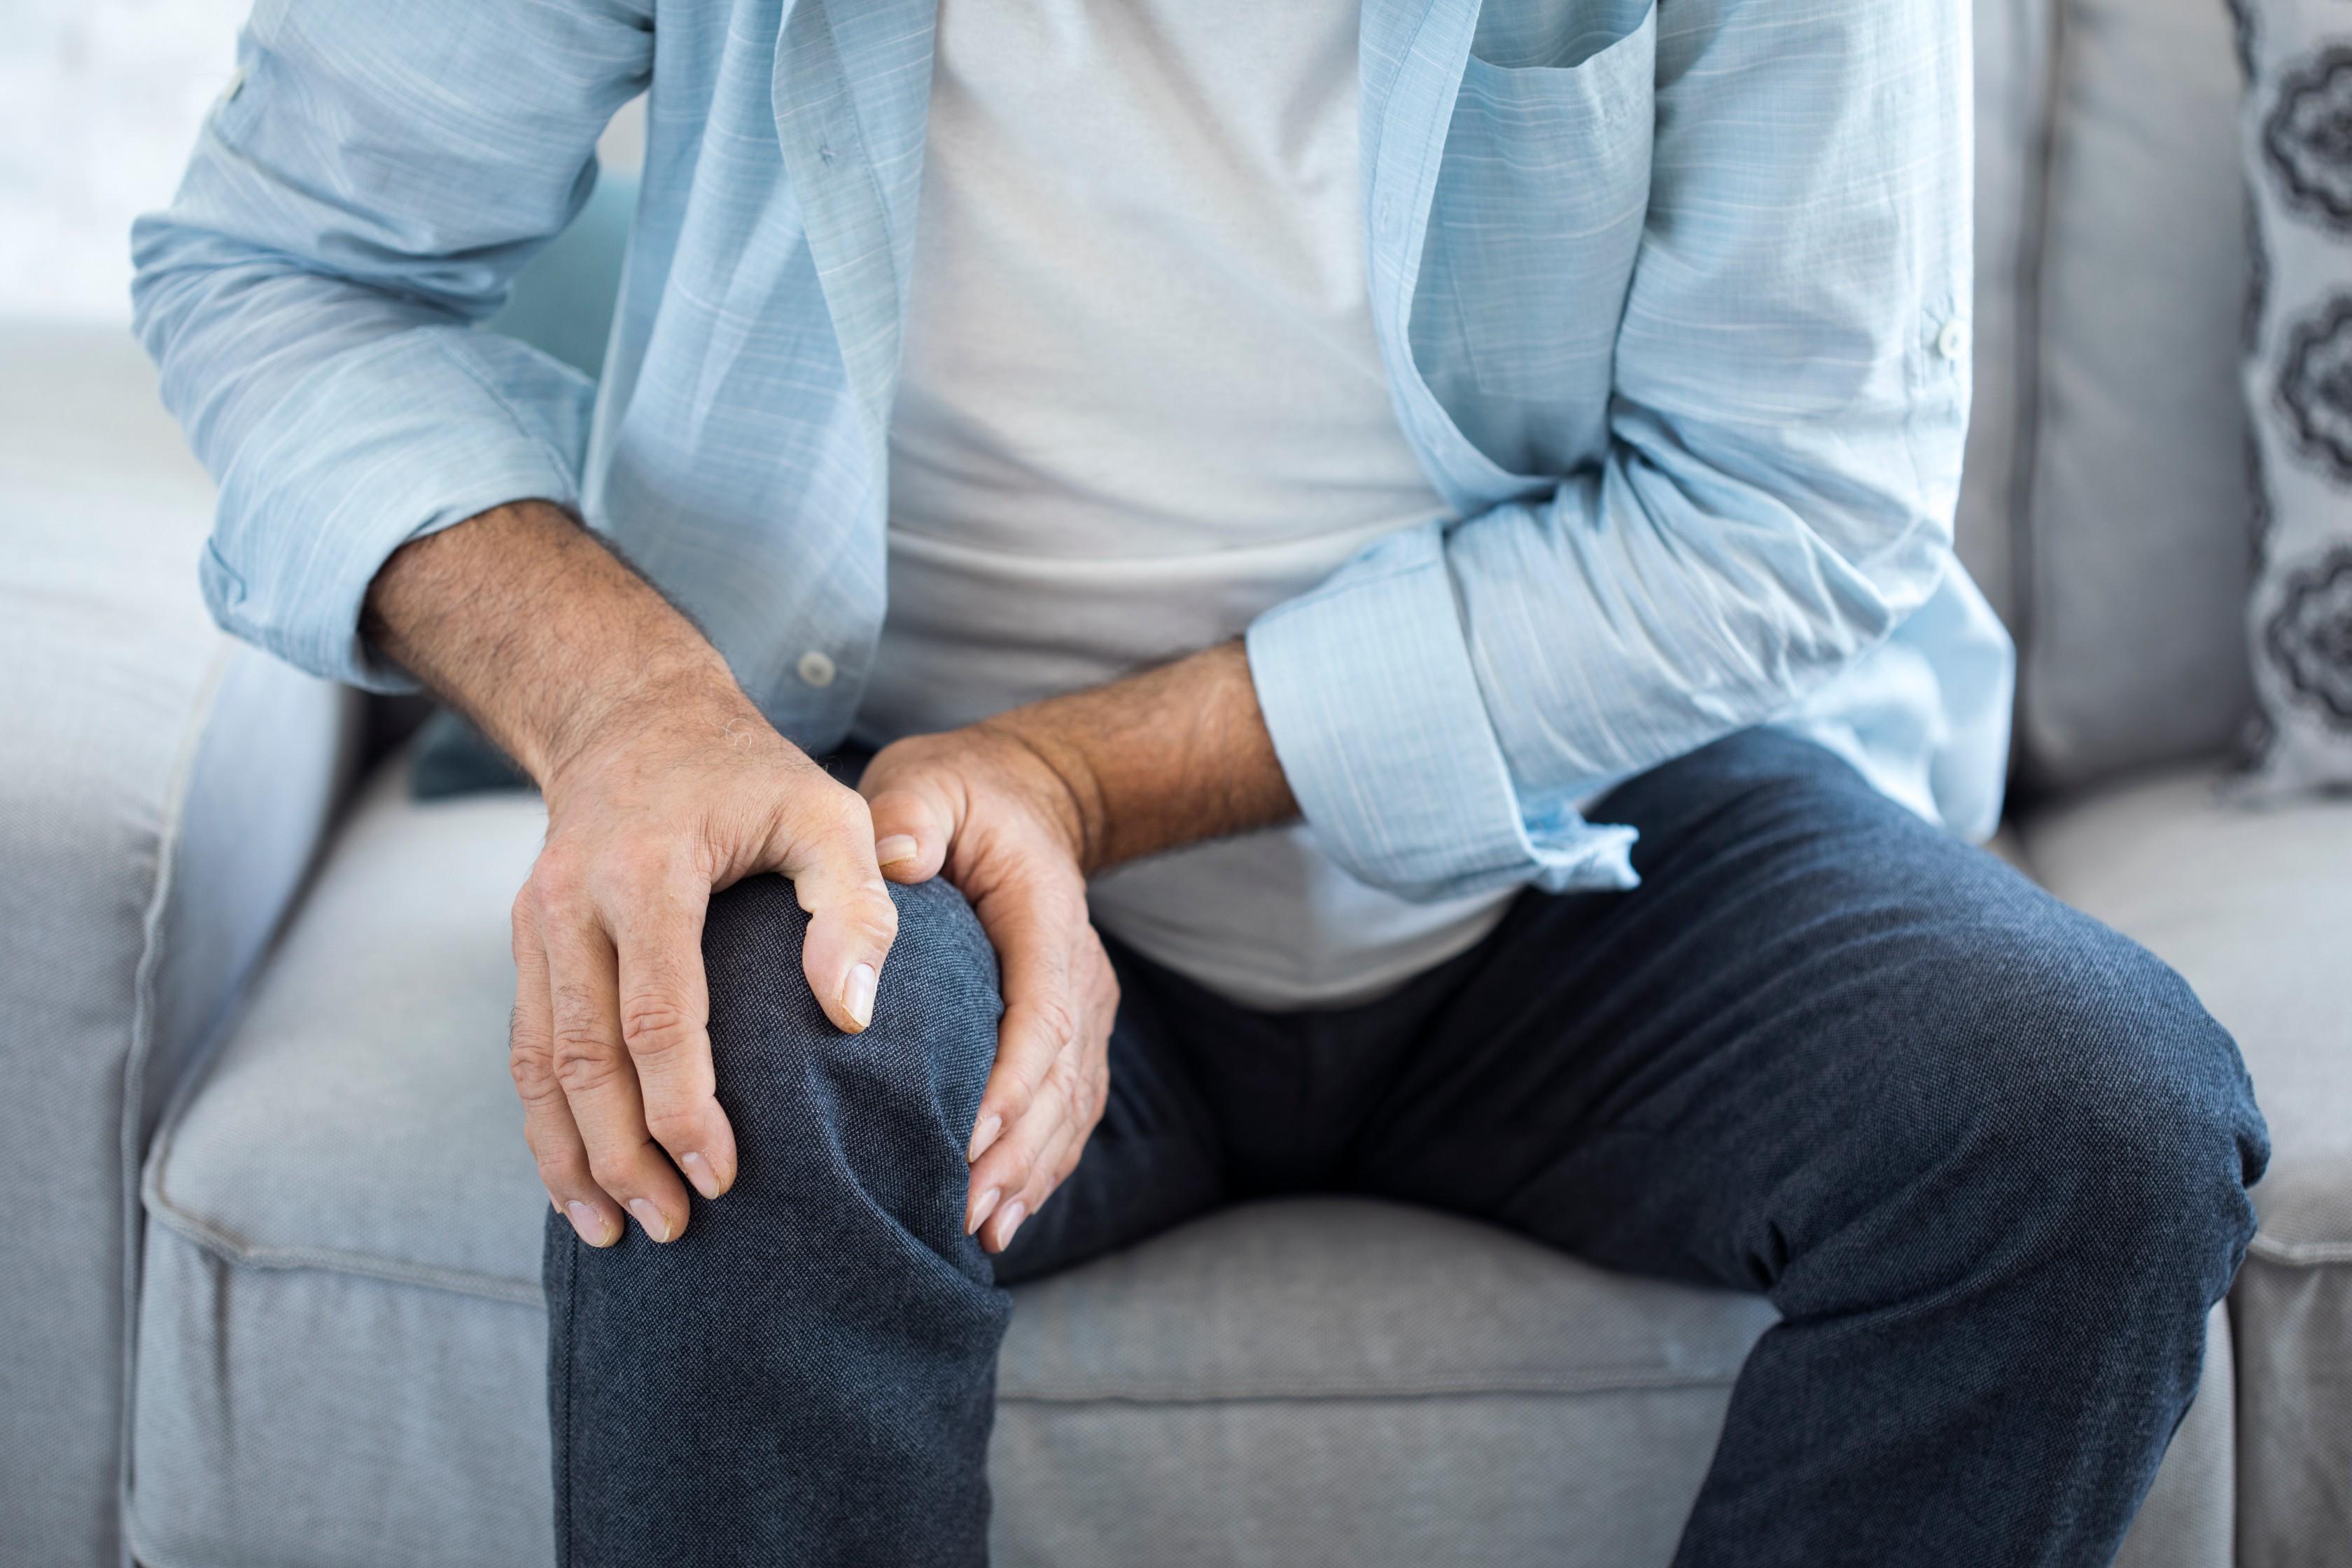 Ízületi fájdalom kezelése   Online gyógyszertár   autosiskolamiskolc.hu